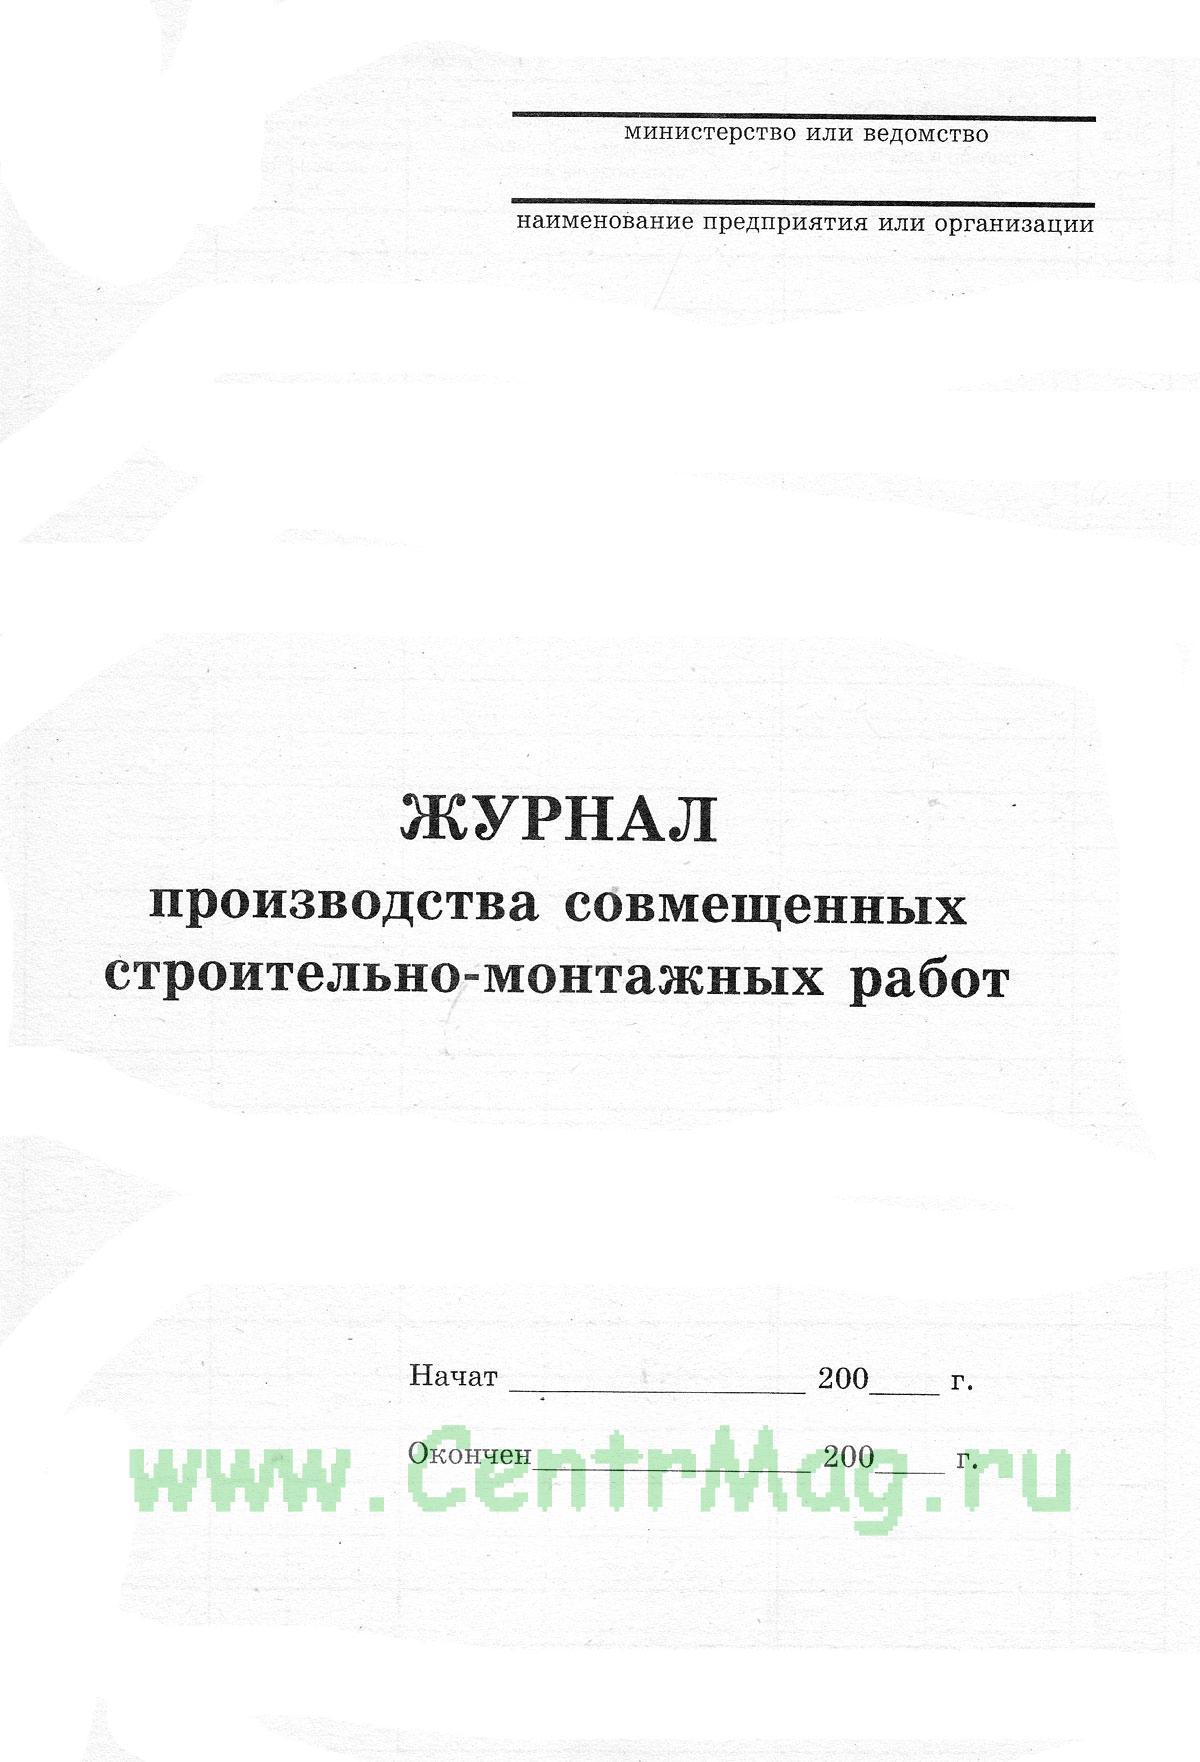 Образец заполнения Журнала Совмещенных Работ